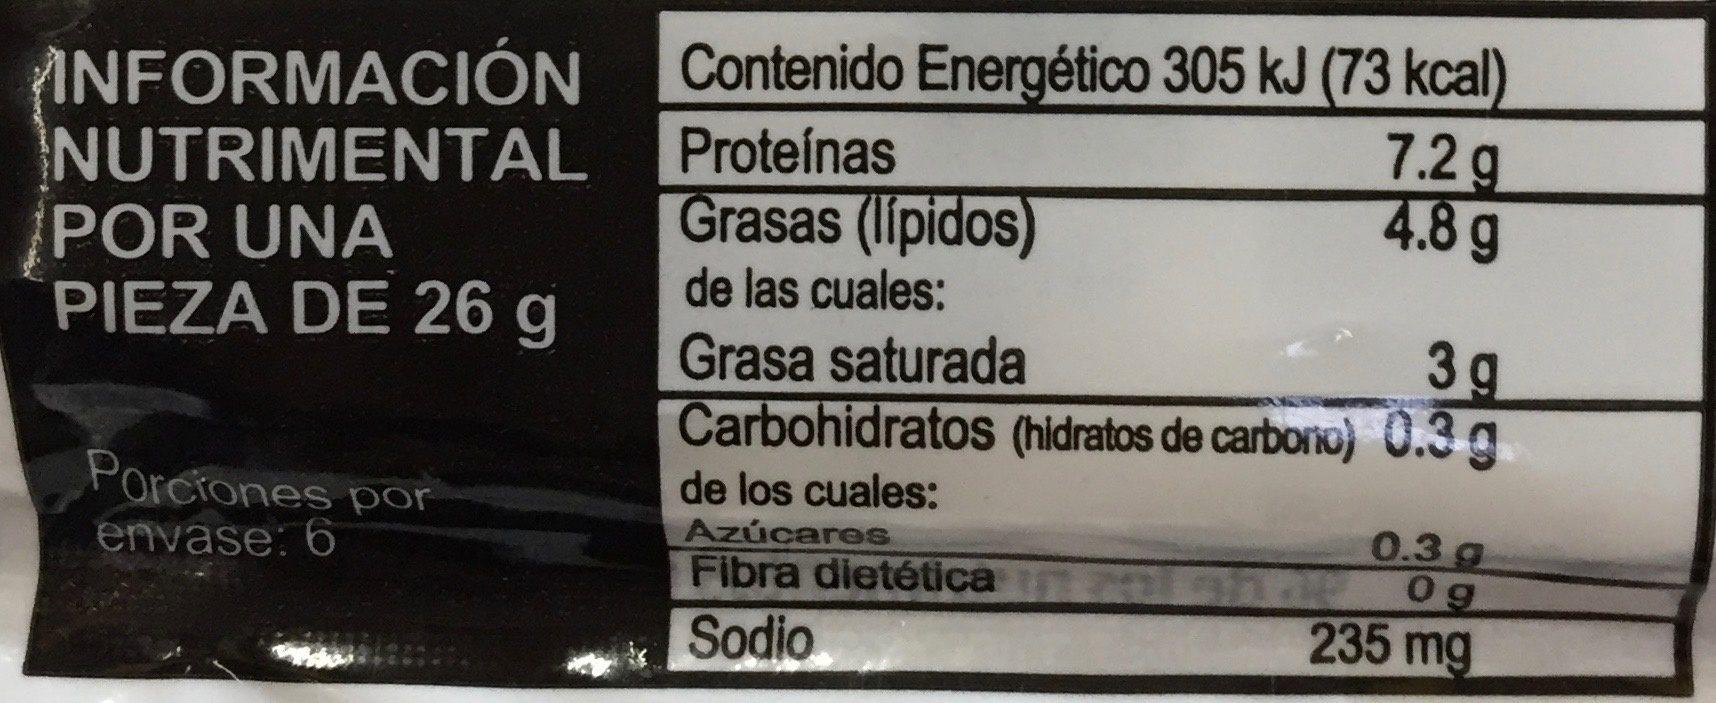 Snax - Dedos de queso mozzarella - Informations nutritionnelles - es